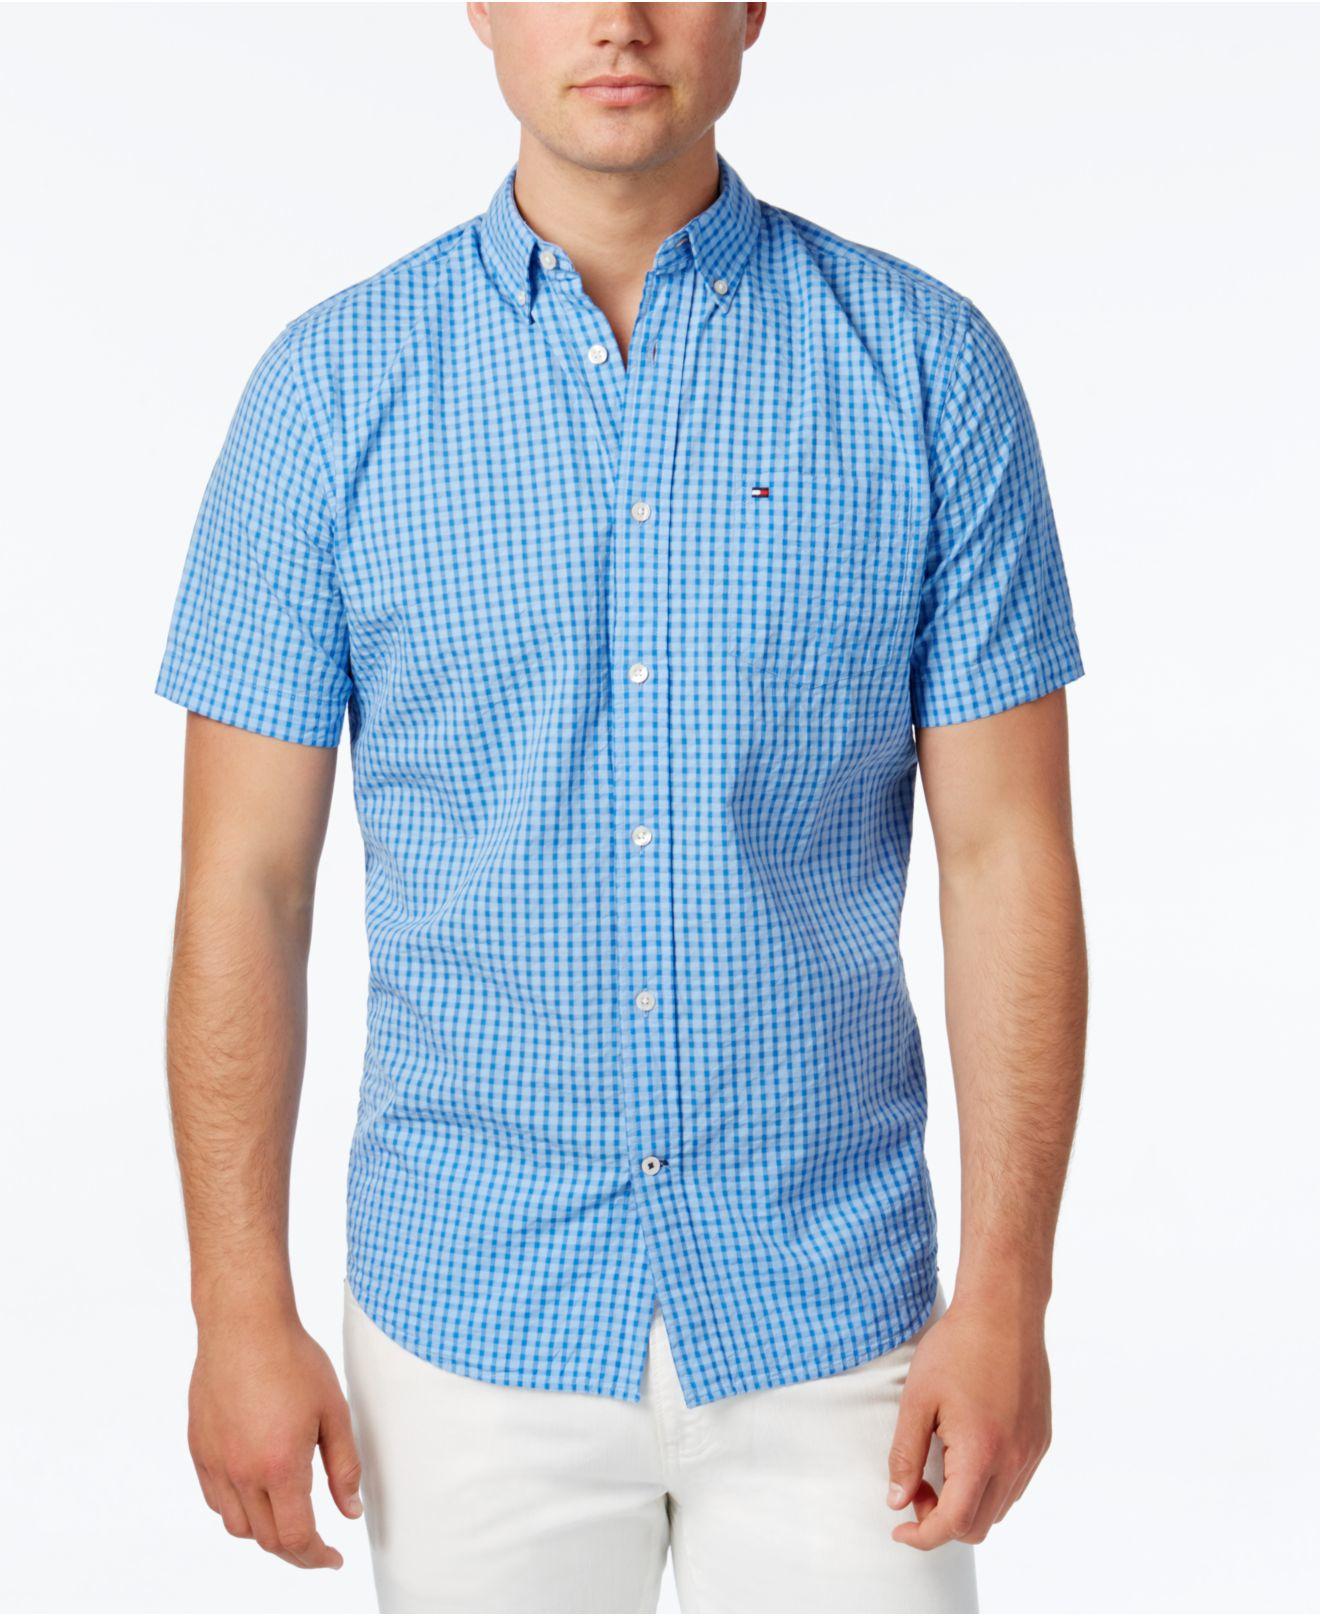 Tommy hilfiger men 39 s gingham short sleeve shirt in blue for Tommy hilfiger gingham dress shirt